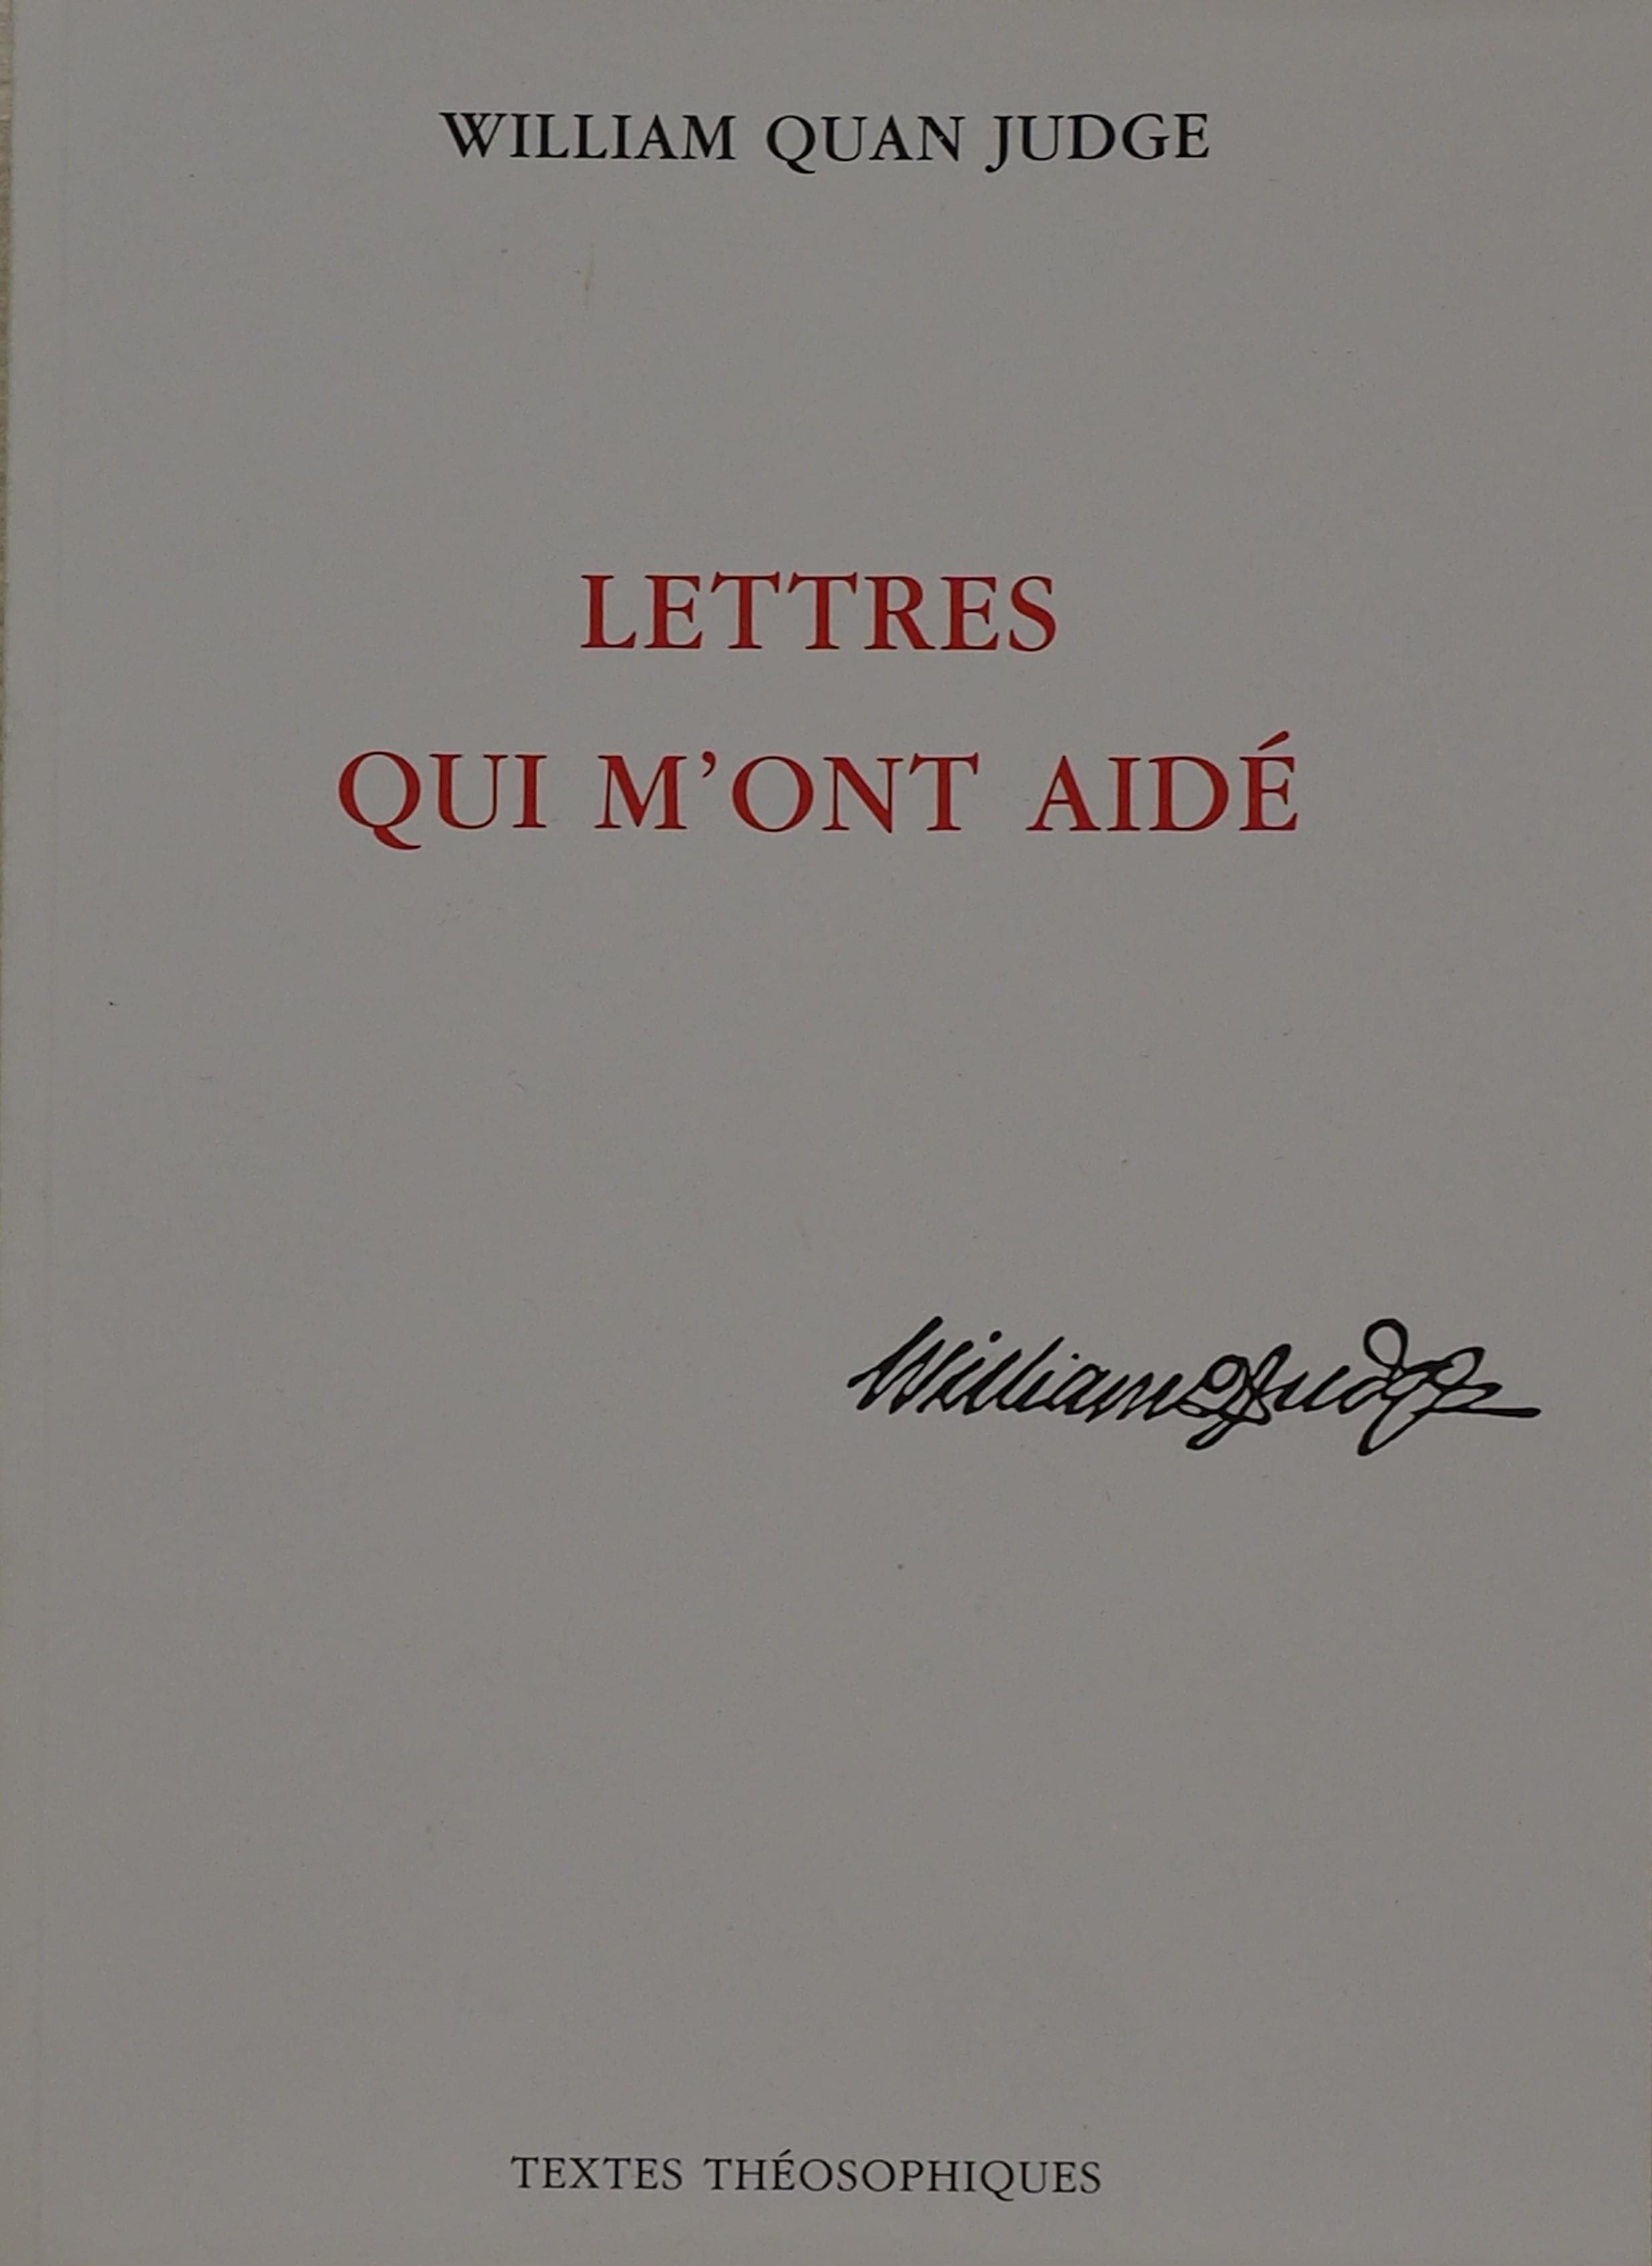 Photo couverture du livre Les Lettres qui m'ont aidé